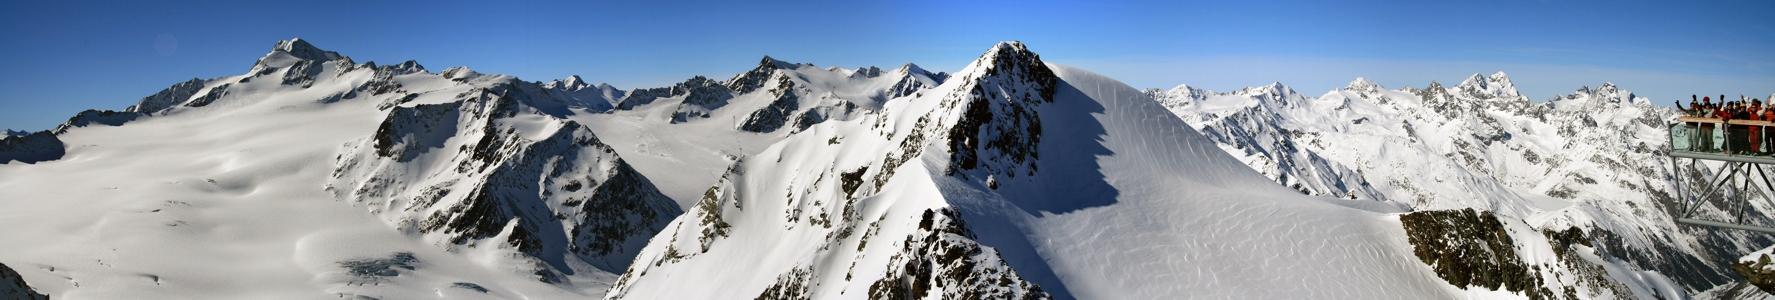 Wildspitze (3772m) - Panorama vom Tiefenbachkogl